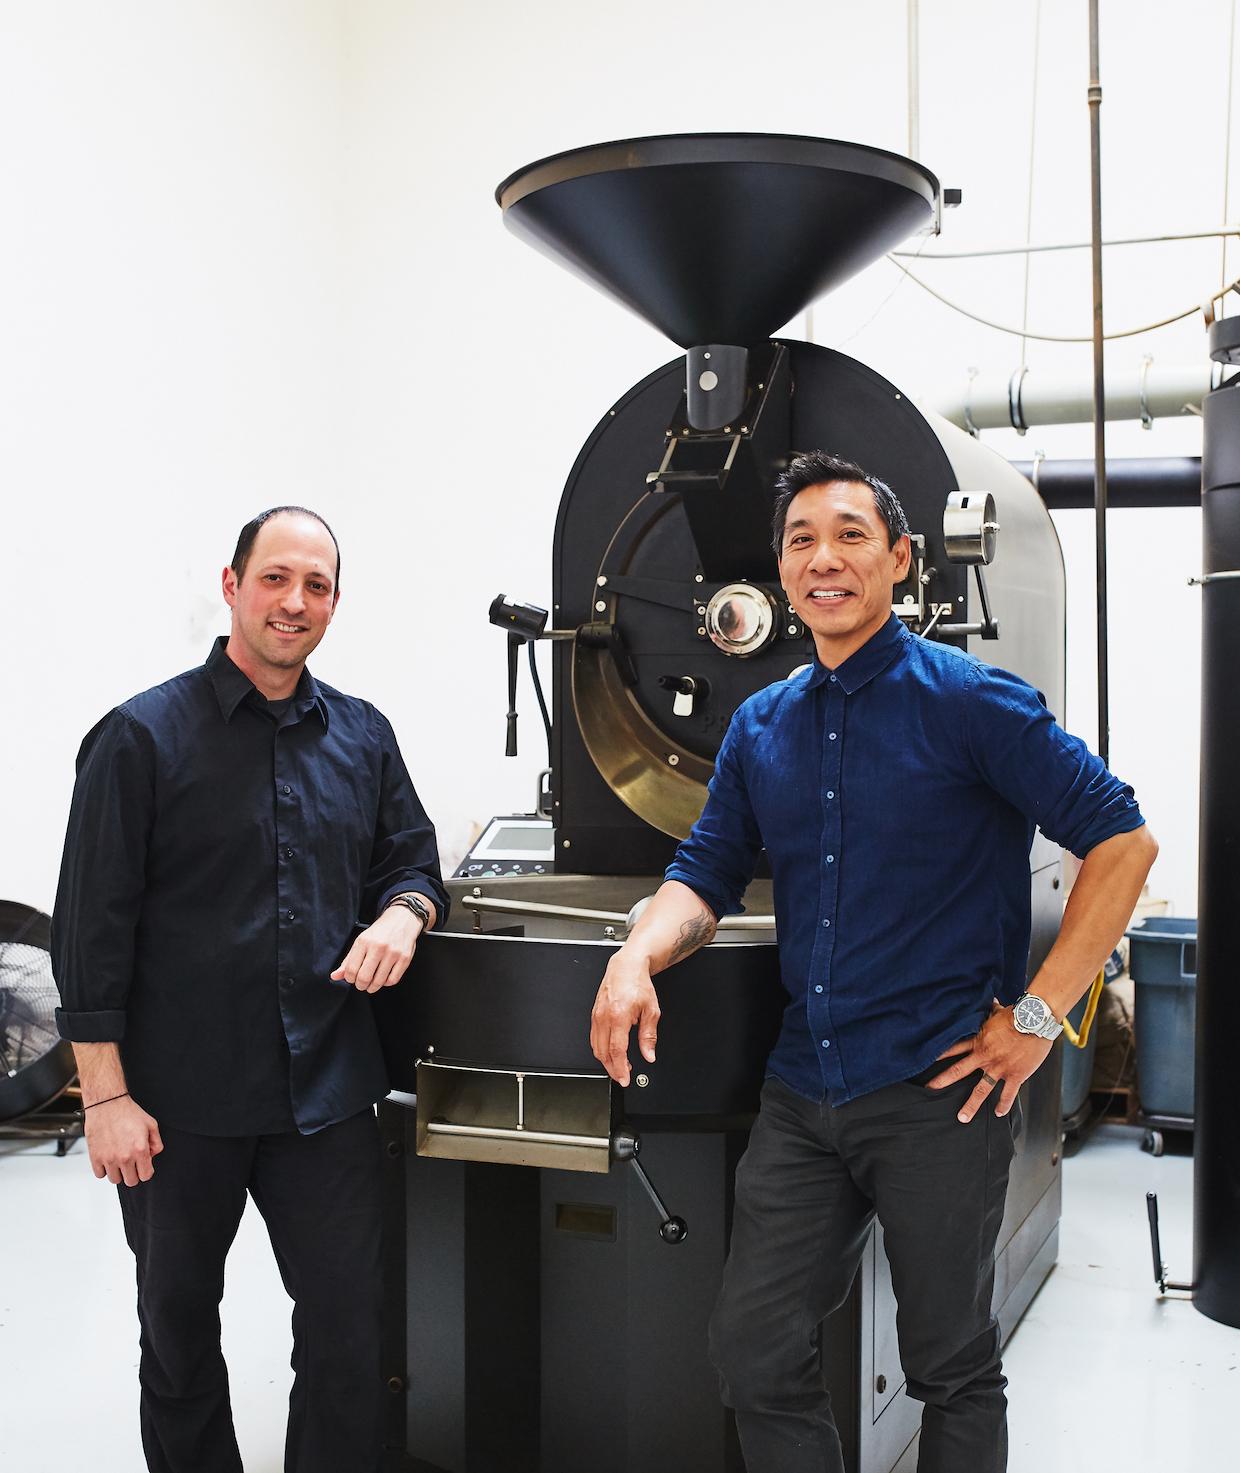 20181018_Mark Wain and Gary Chau at Roastery-308 credit Alicia Cho